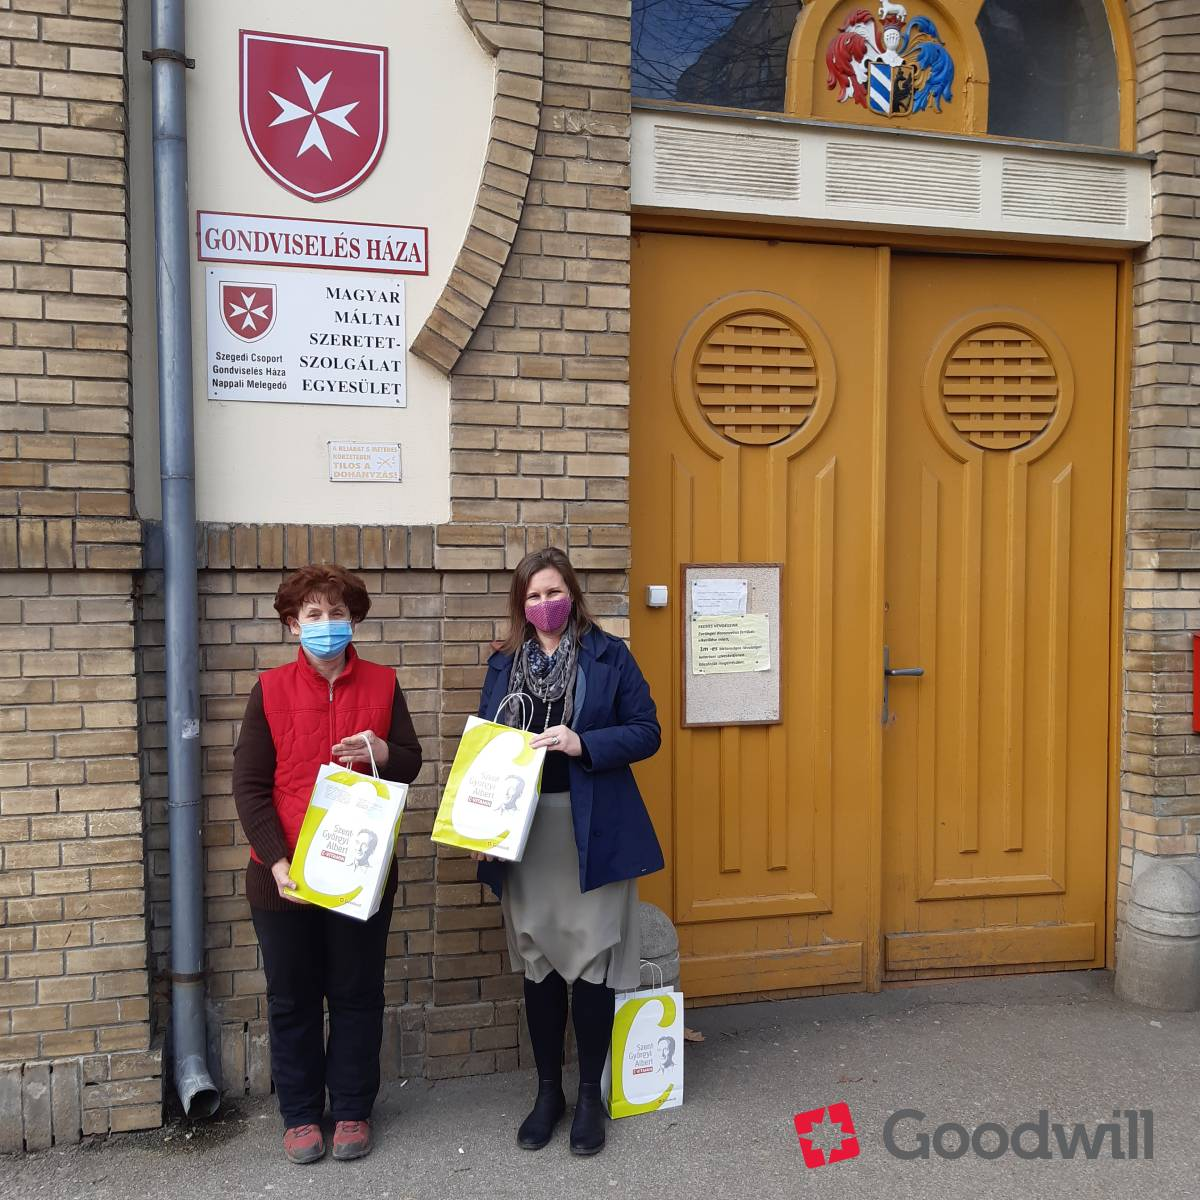 Kézzel készített szappanokkal támogattuk a Magyar Máltai Szeretetszolgálatot